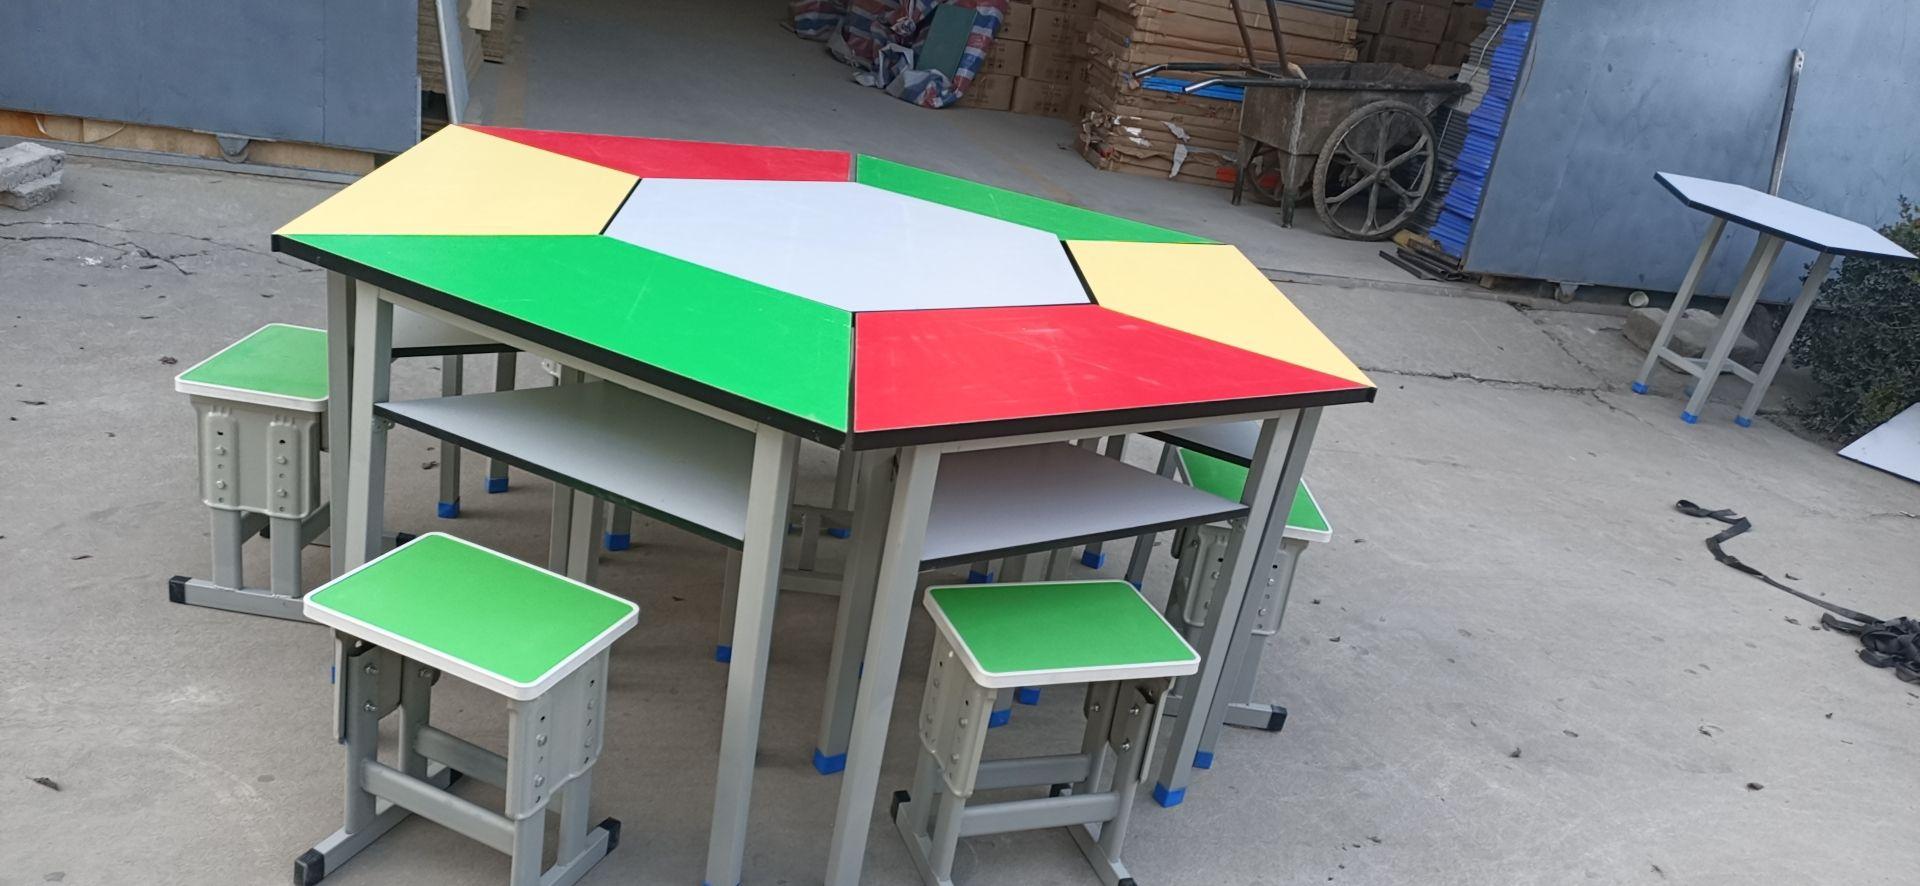 优惠的西安生产拼接六角桌厂家_西安品质彩色拼接六角桌